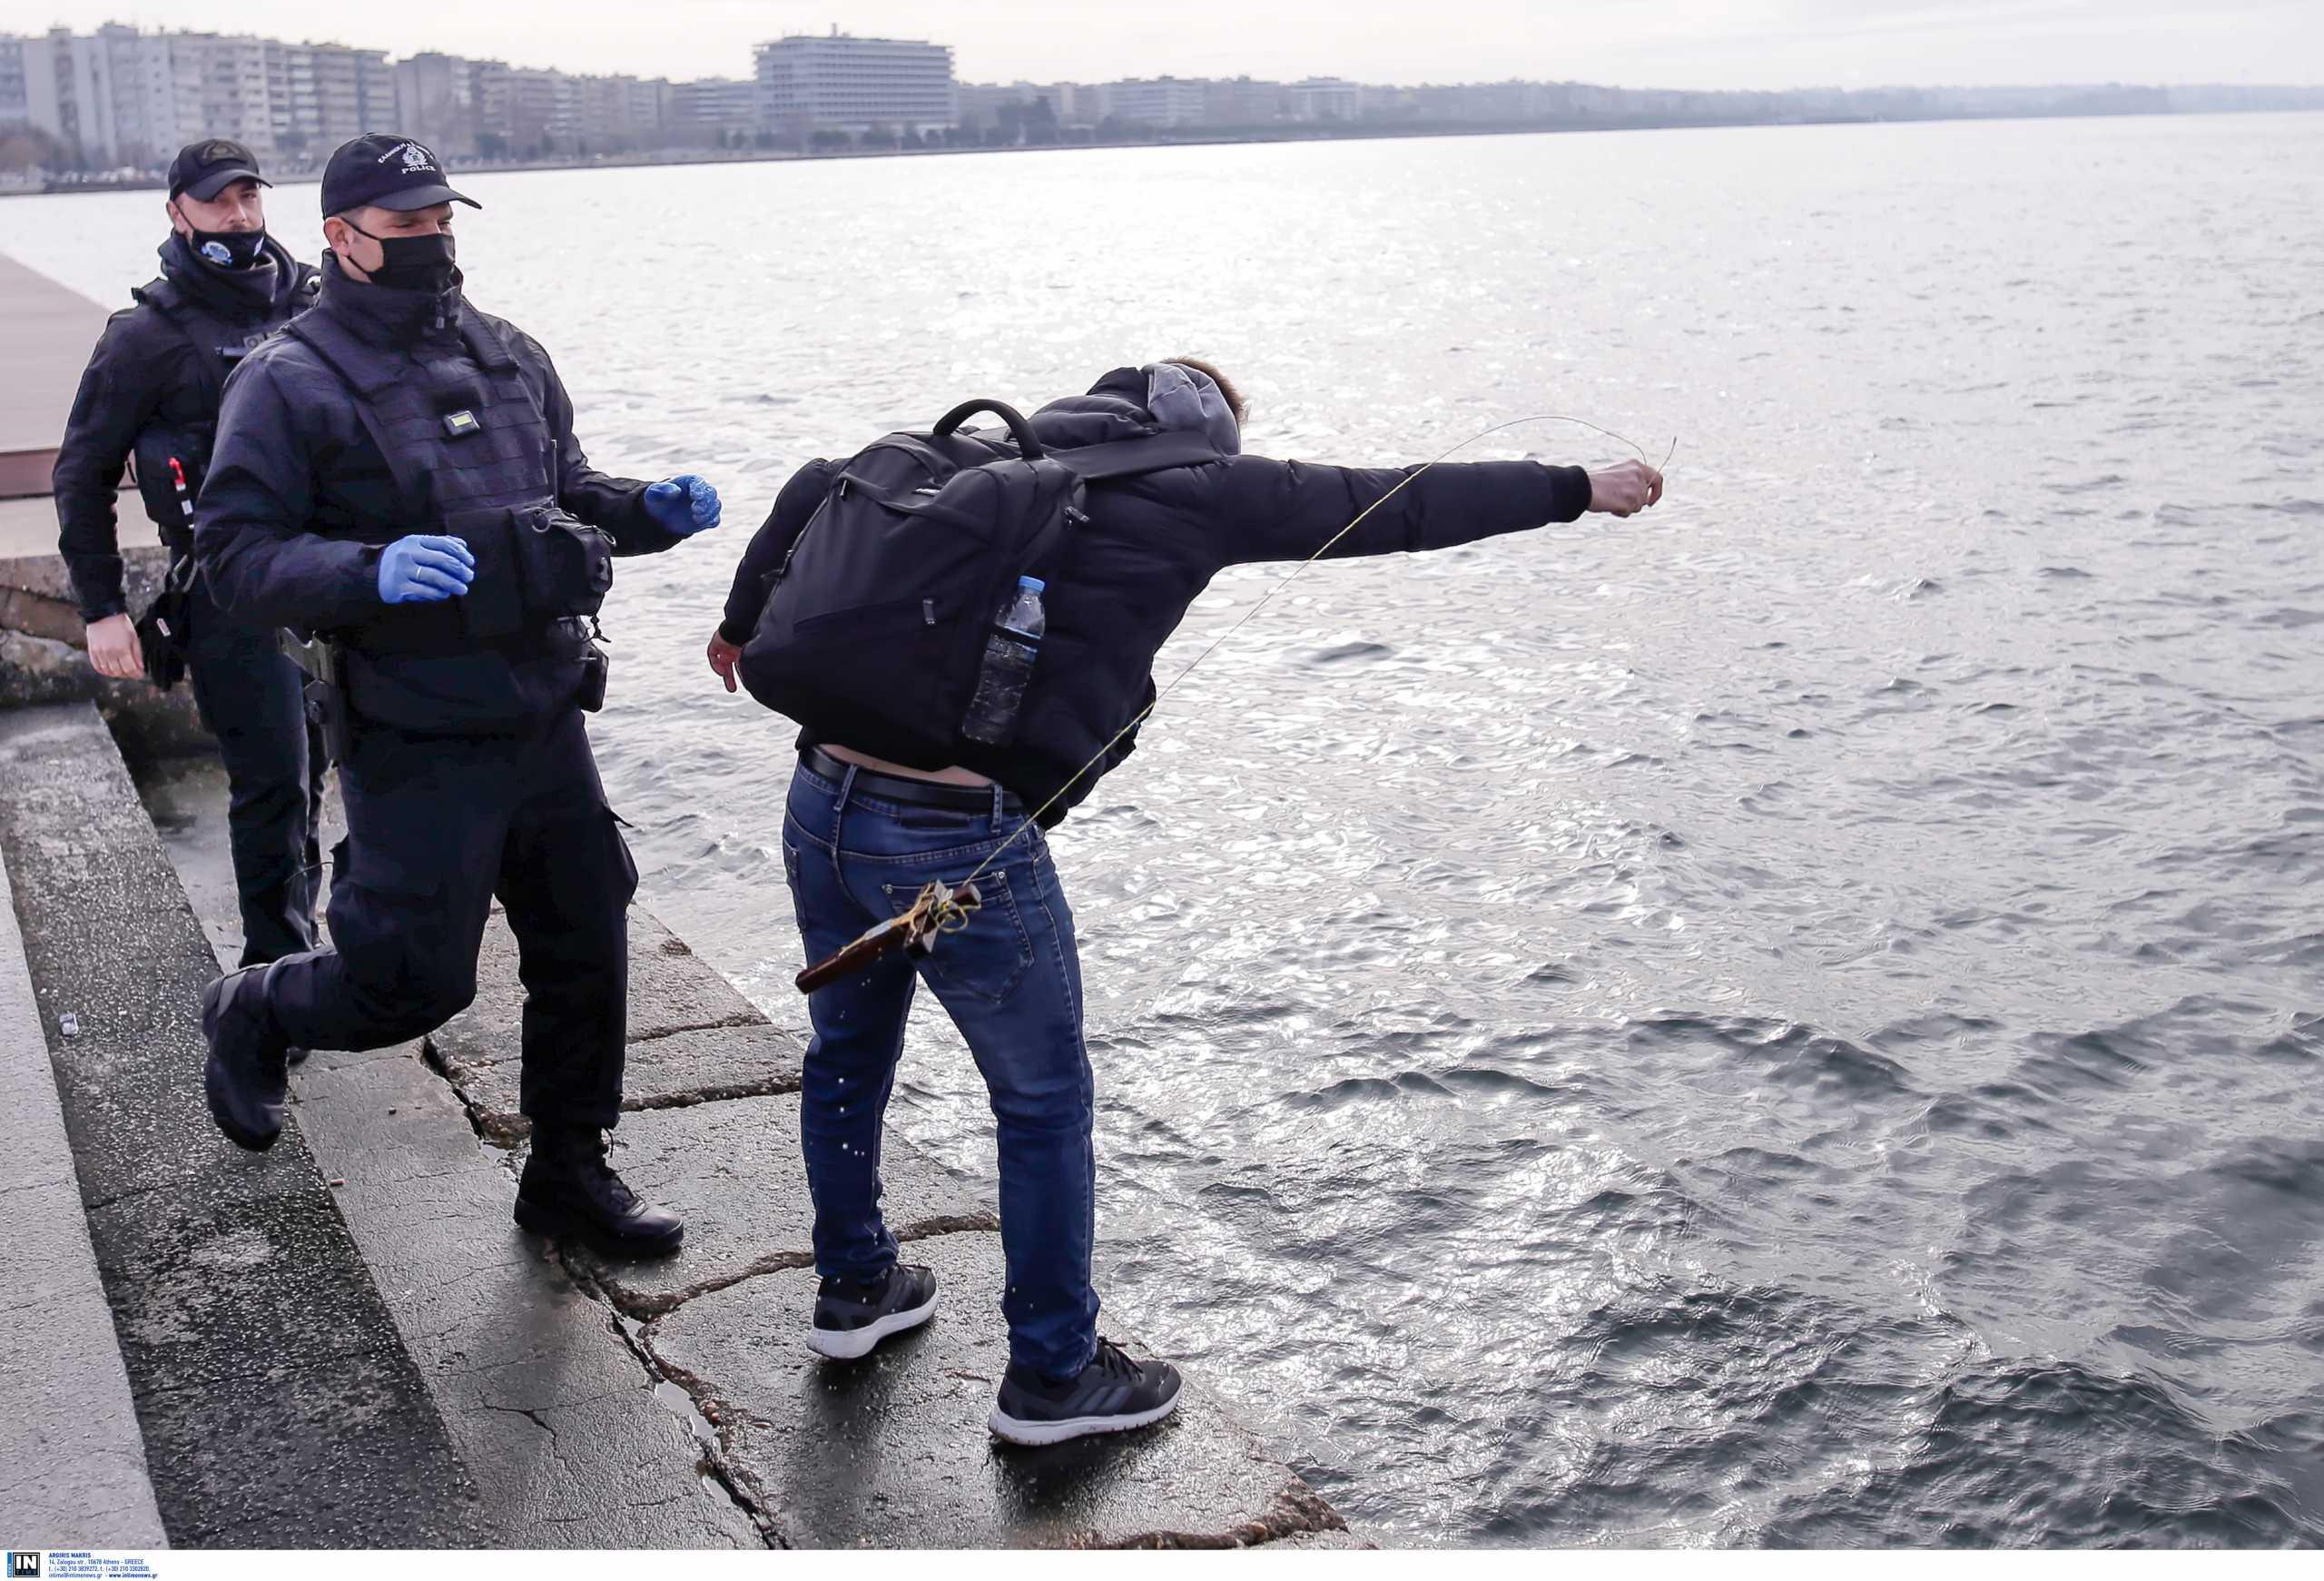 Θεσσαλονίκη: Ένταση και προσαγωγές στον Λευκό Πύργο – Άτομα έριξαν το σταυρό (pics, video)